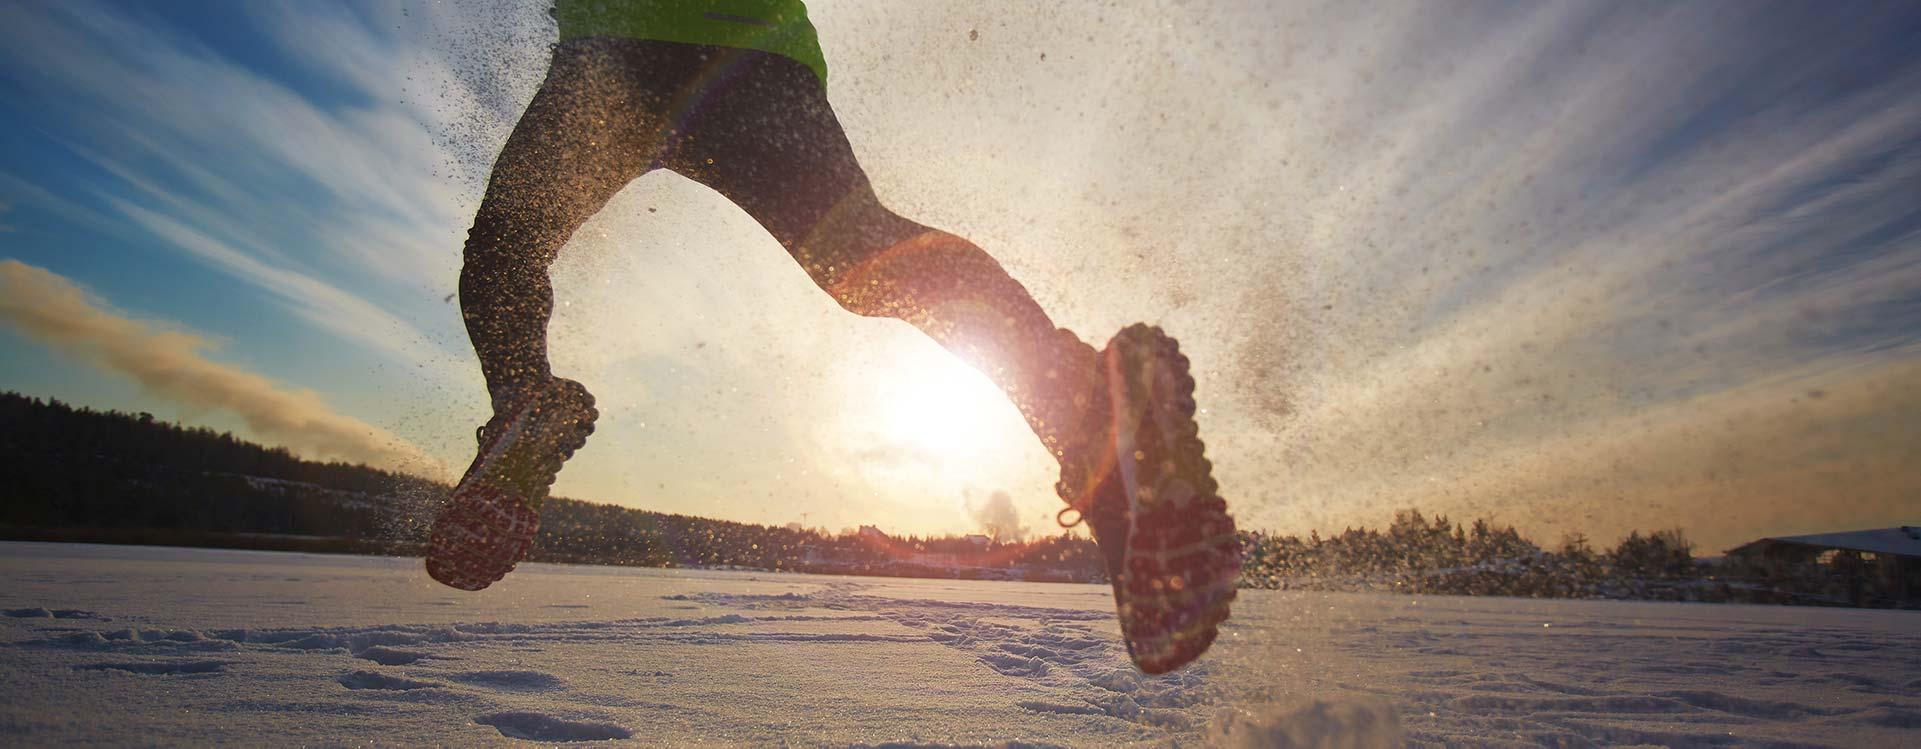 un uomo che corre sulla neve indicata la costanza nell'allenamento e perseveranza nell'attività